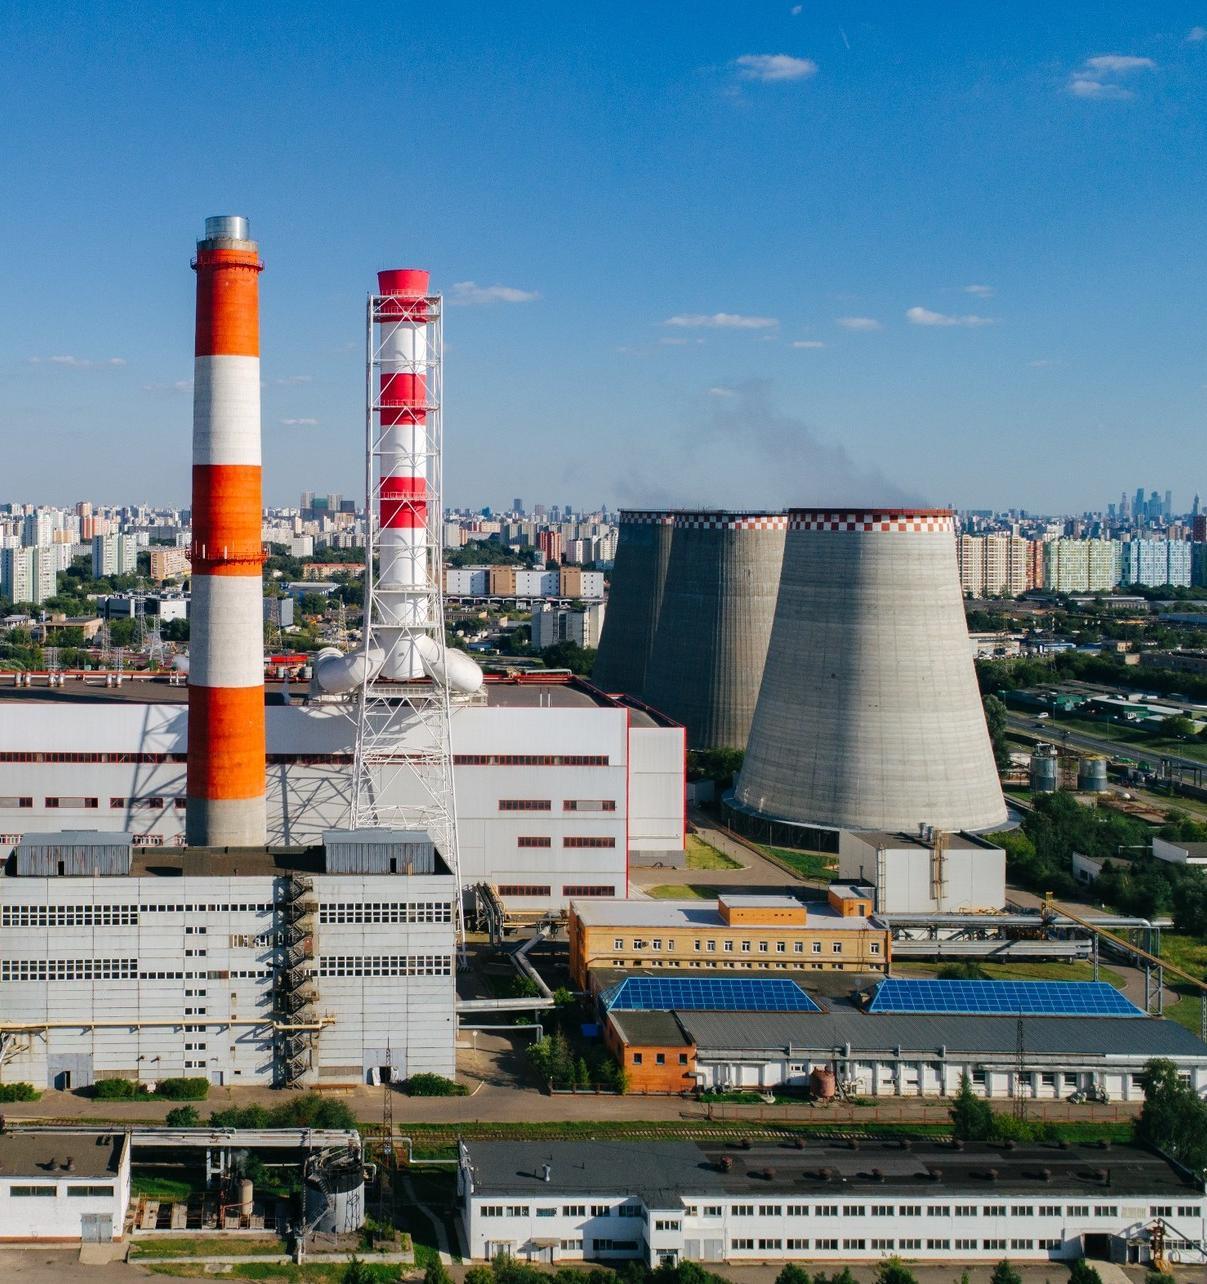 За 30 лет тепловые выбросы в Москве снизились на четверть